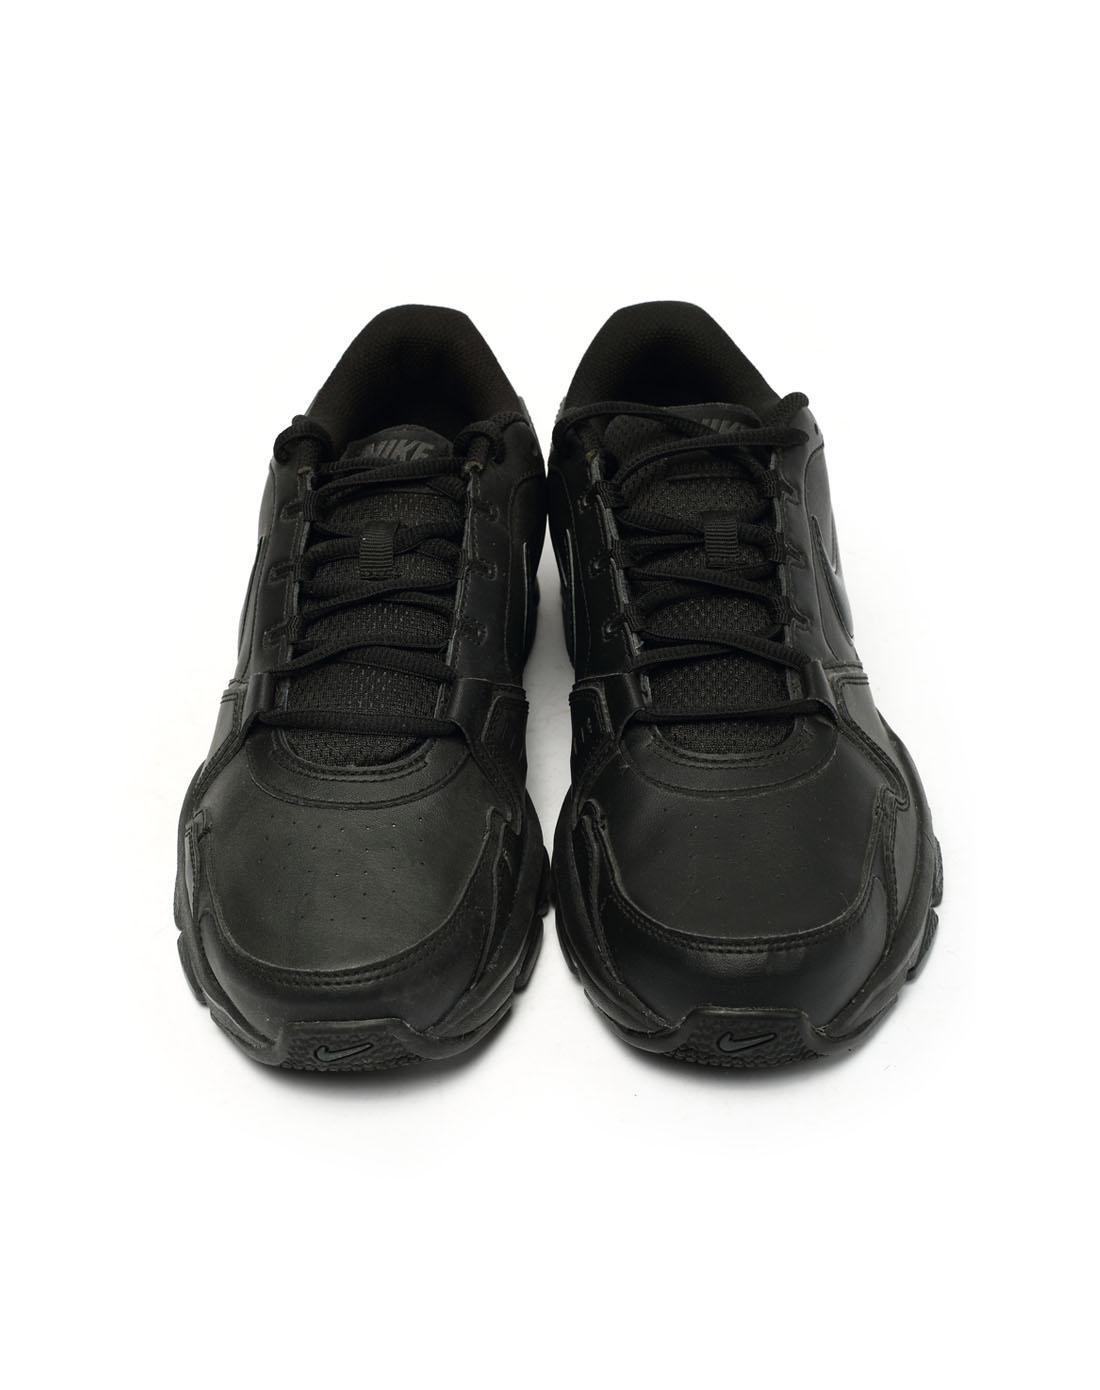 耐克nike-男子黑色训练鞋429715-012